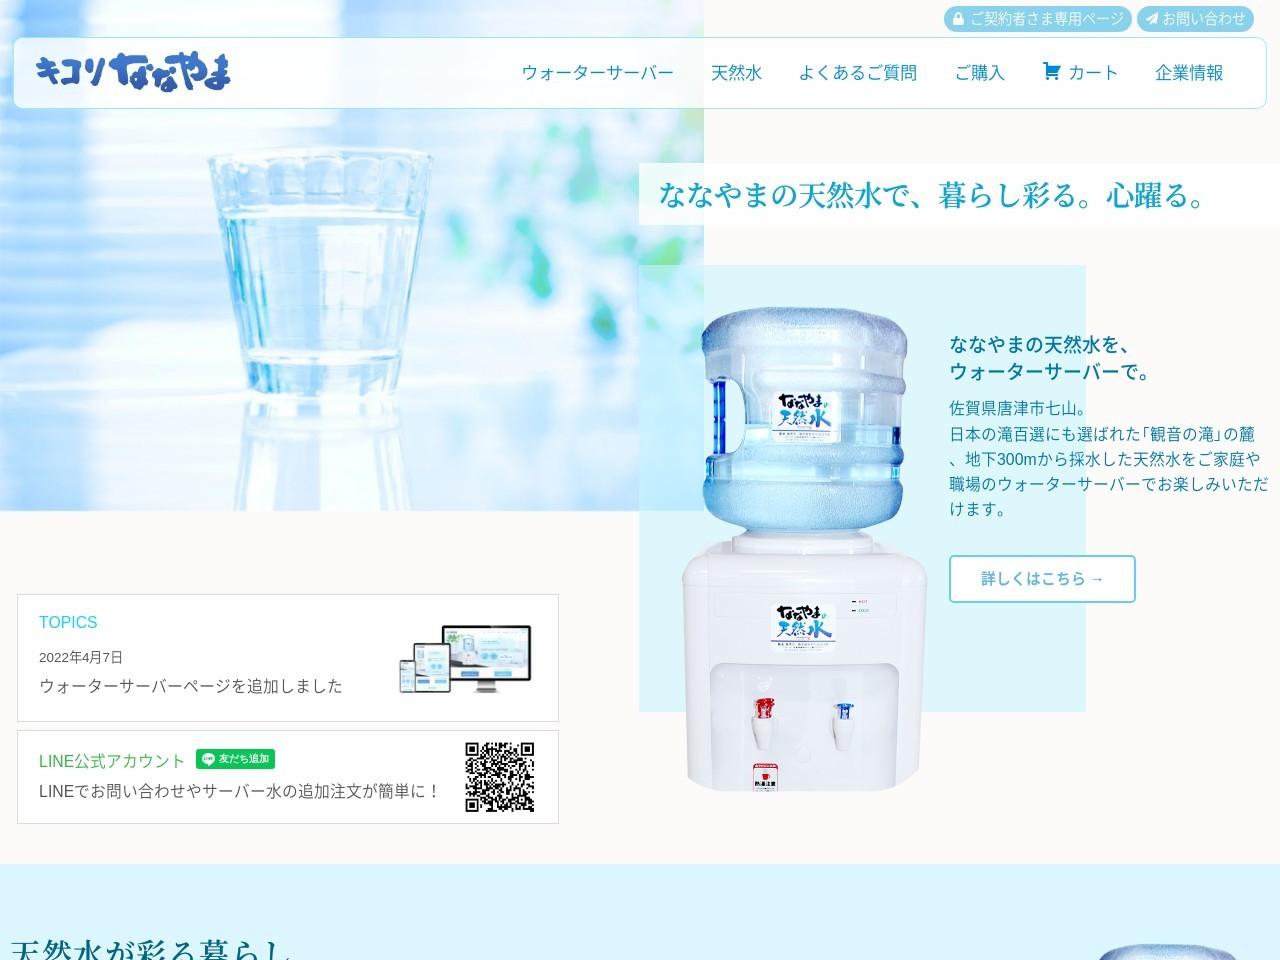 天然ラドン ななやまの水・天然水 | 佐賀県七山のキコリななやま